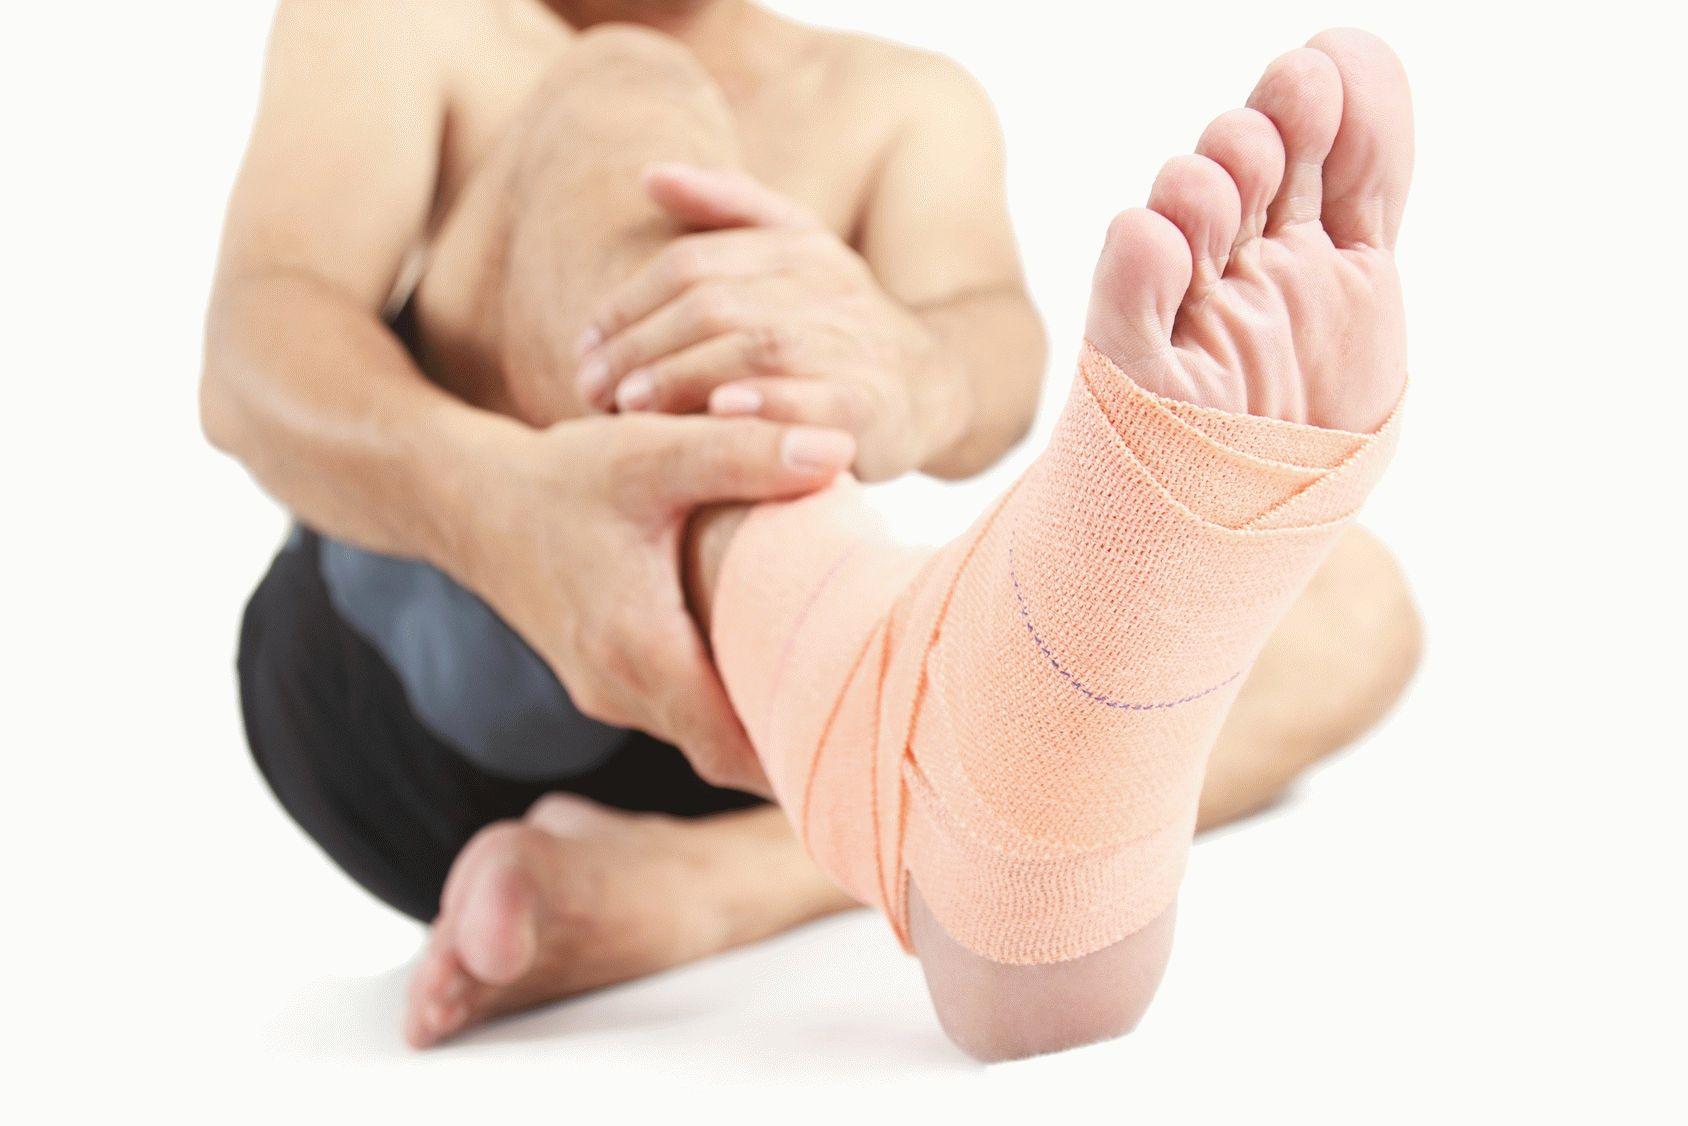 Как лечить суставы в домашних условиях - Так Просто!